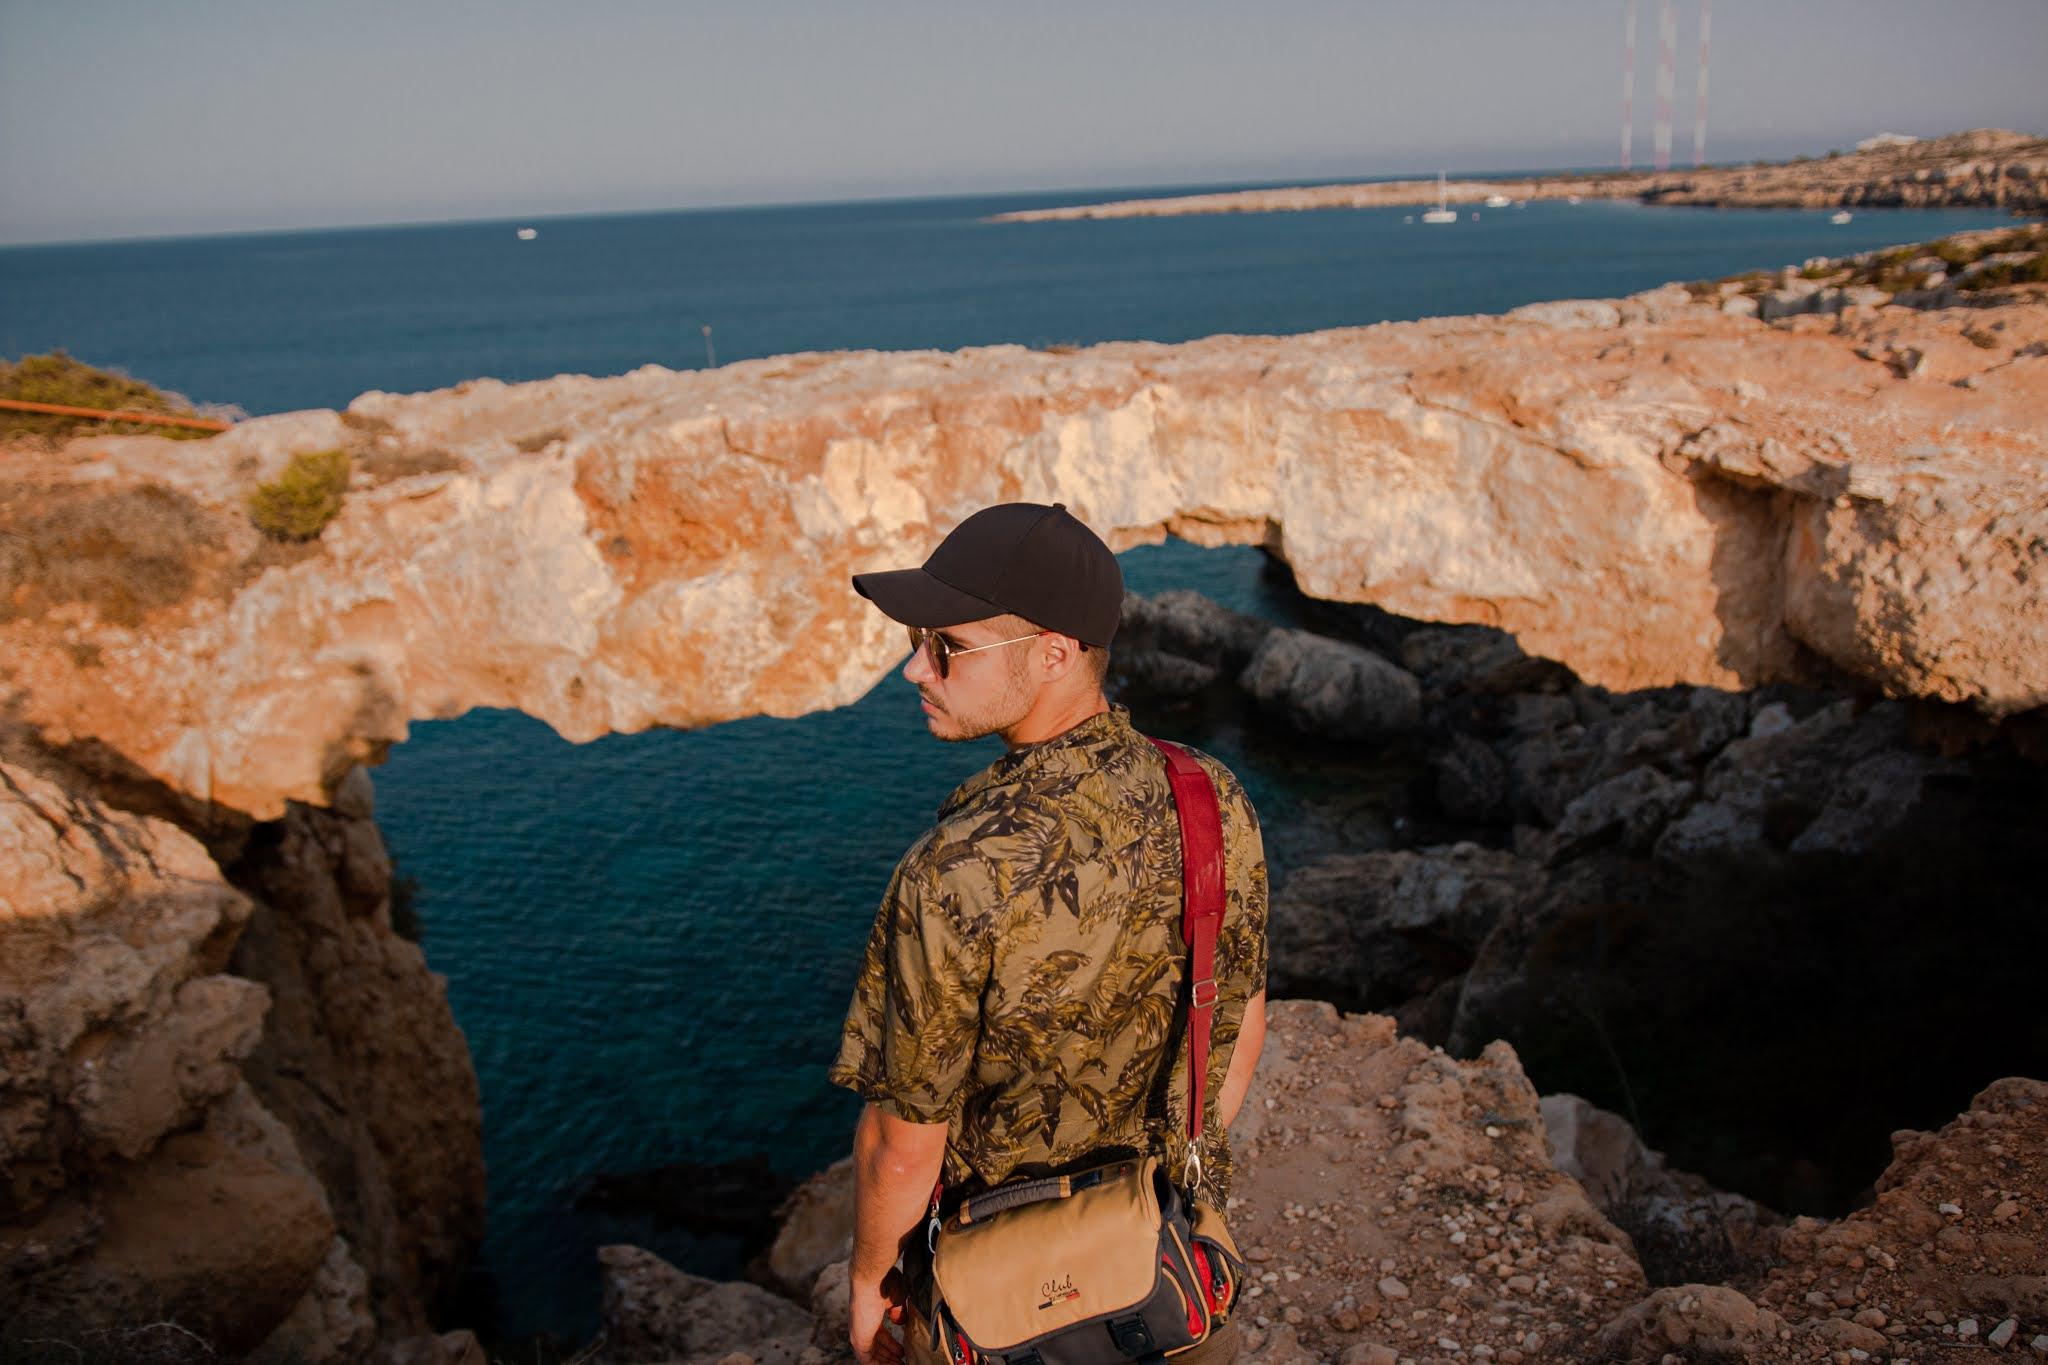 Skalny most na Cape Greco, Cypr, co zobaczyć na Cyprze